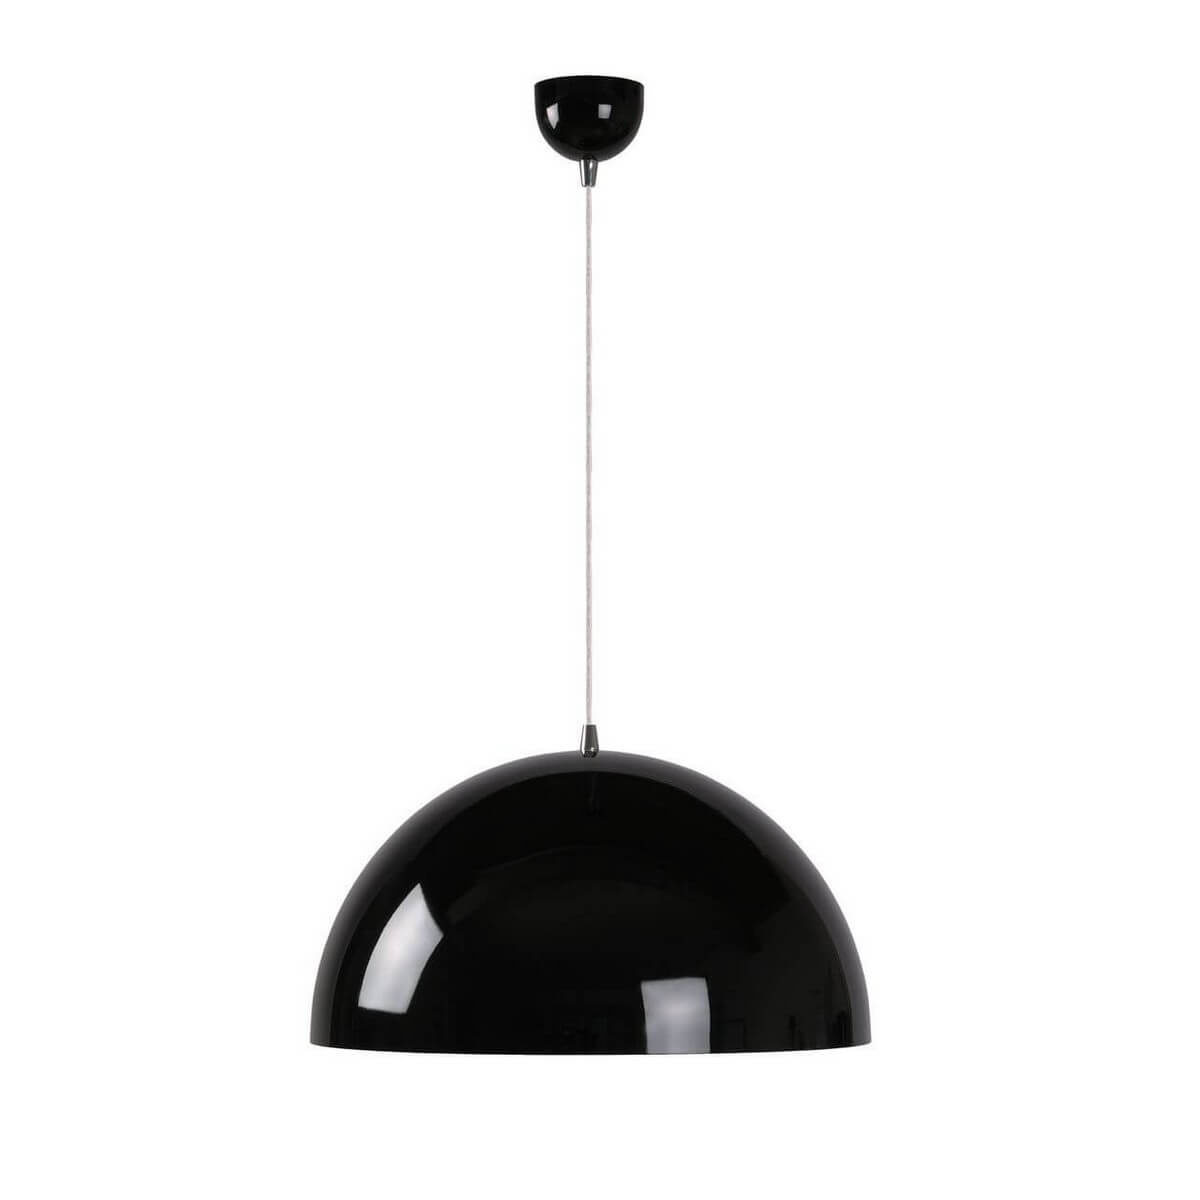 цены Подвесной светильник Lucide Riva 31410/50/30